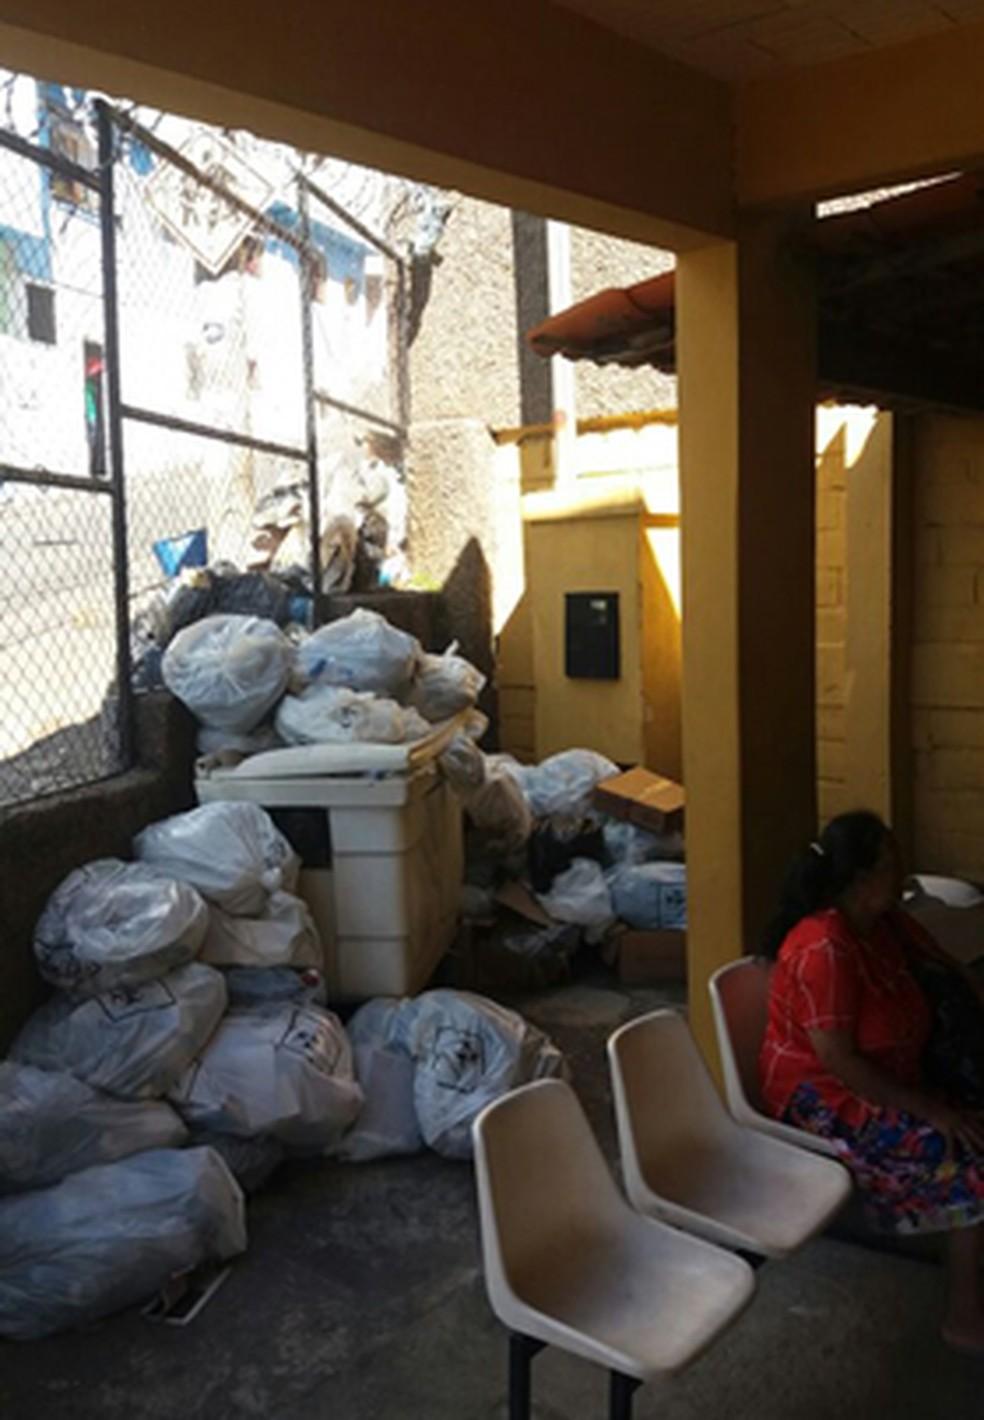 Lixo divide espaço com pacientes em centro de saúde de Belo Horizonte. (Foto: Sindibel/Divulgação)